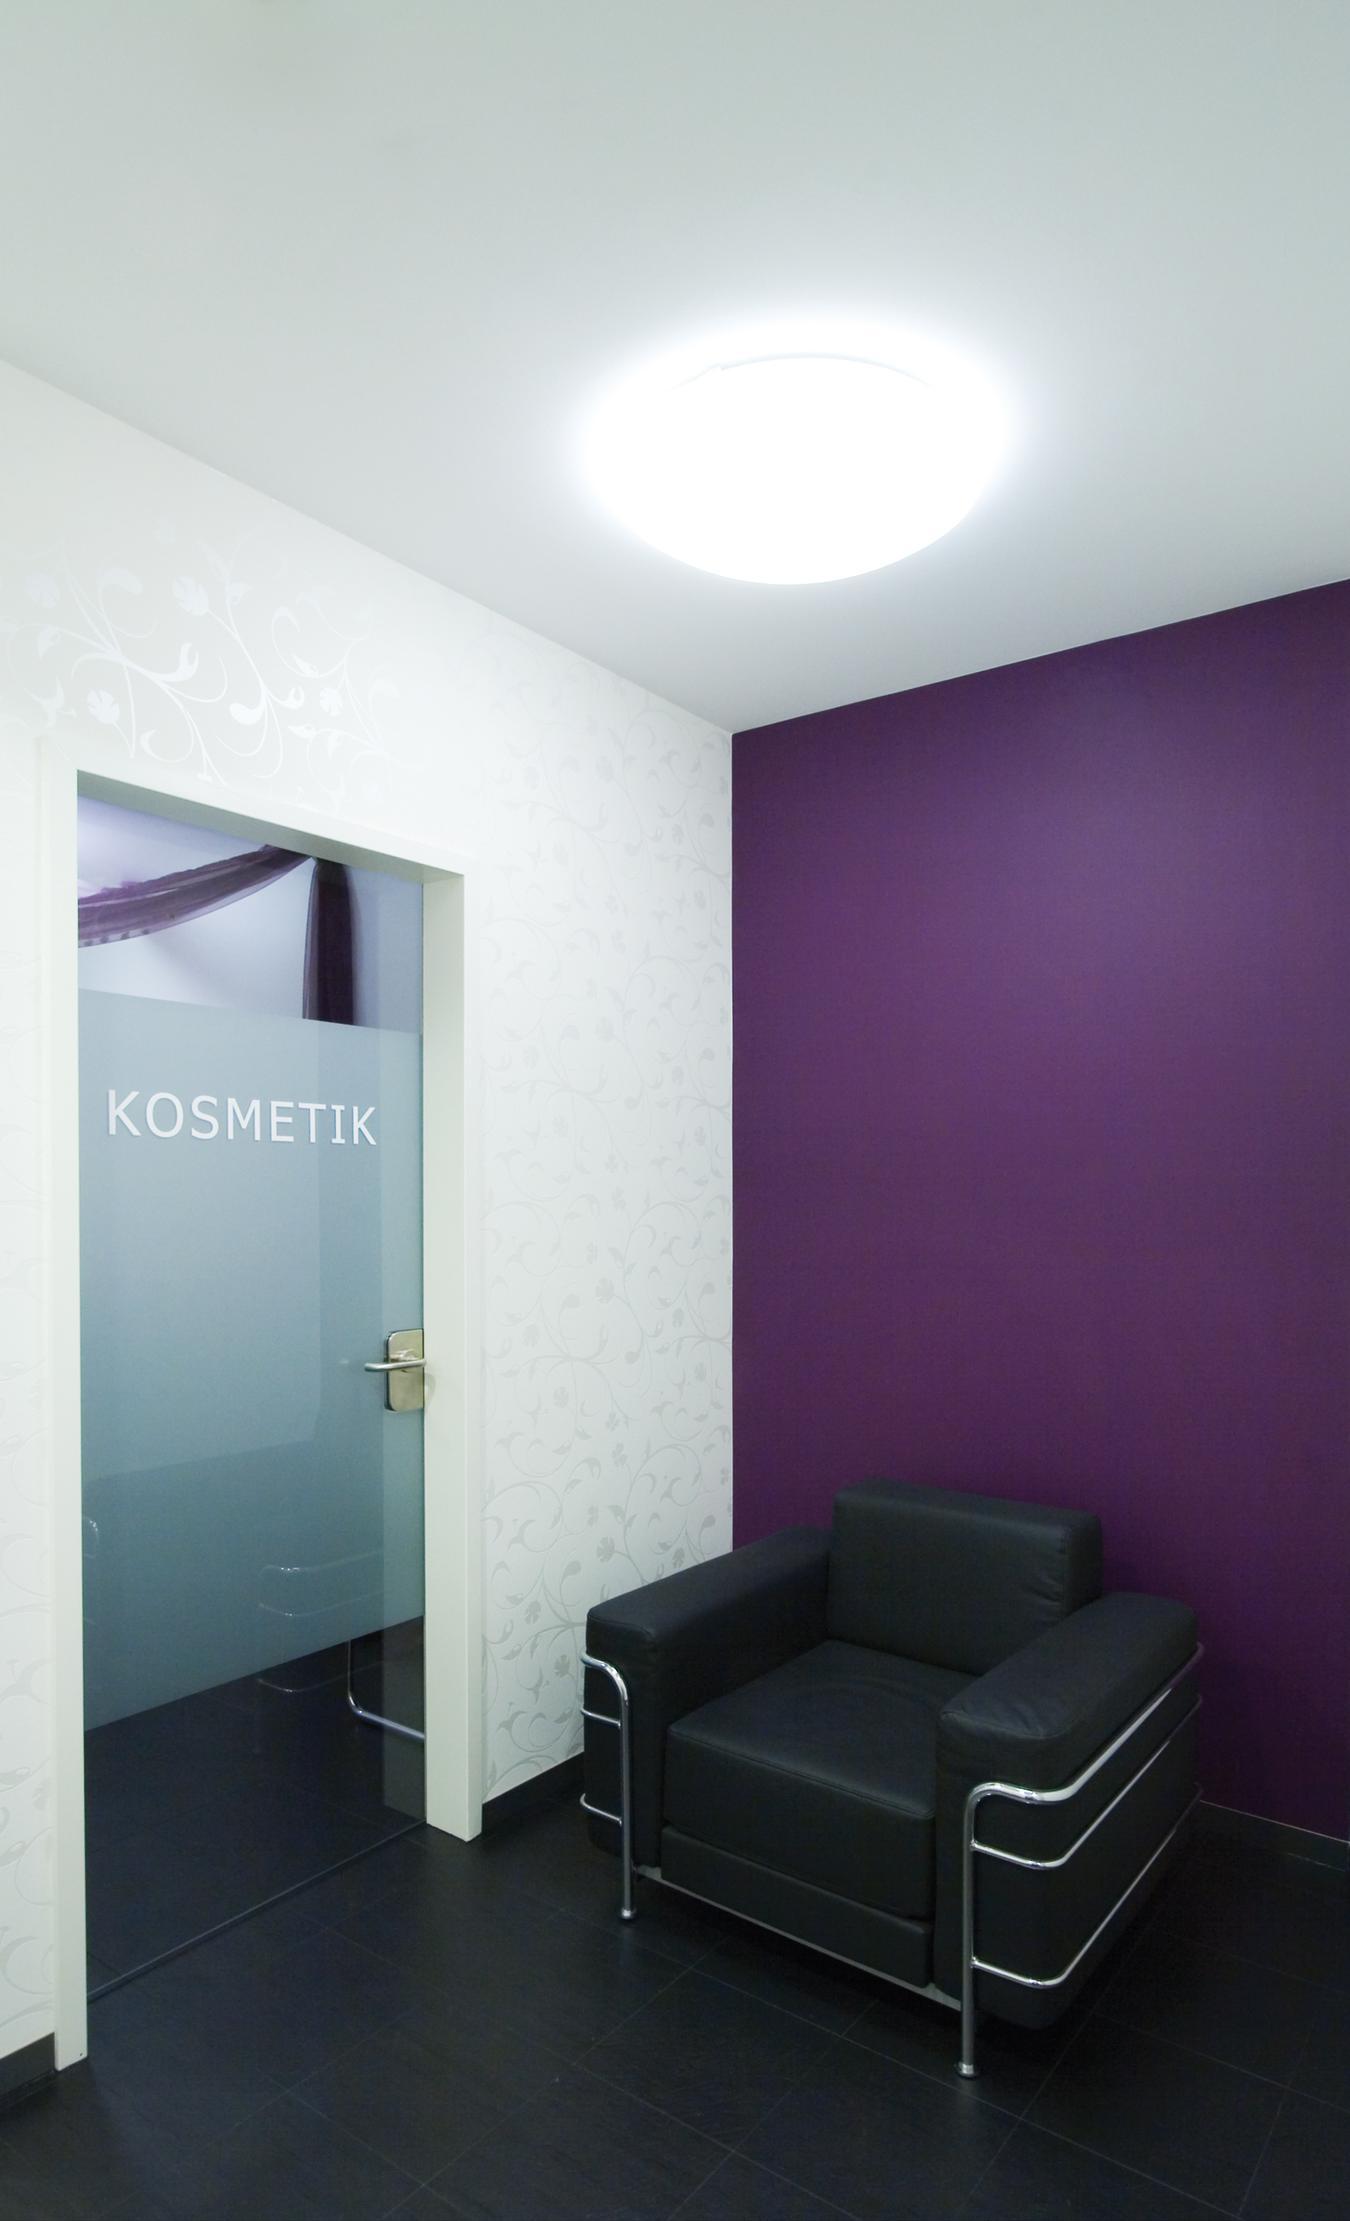 Wartebereich vor dem Kosmetikraum – © 2020 huebbers.com